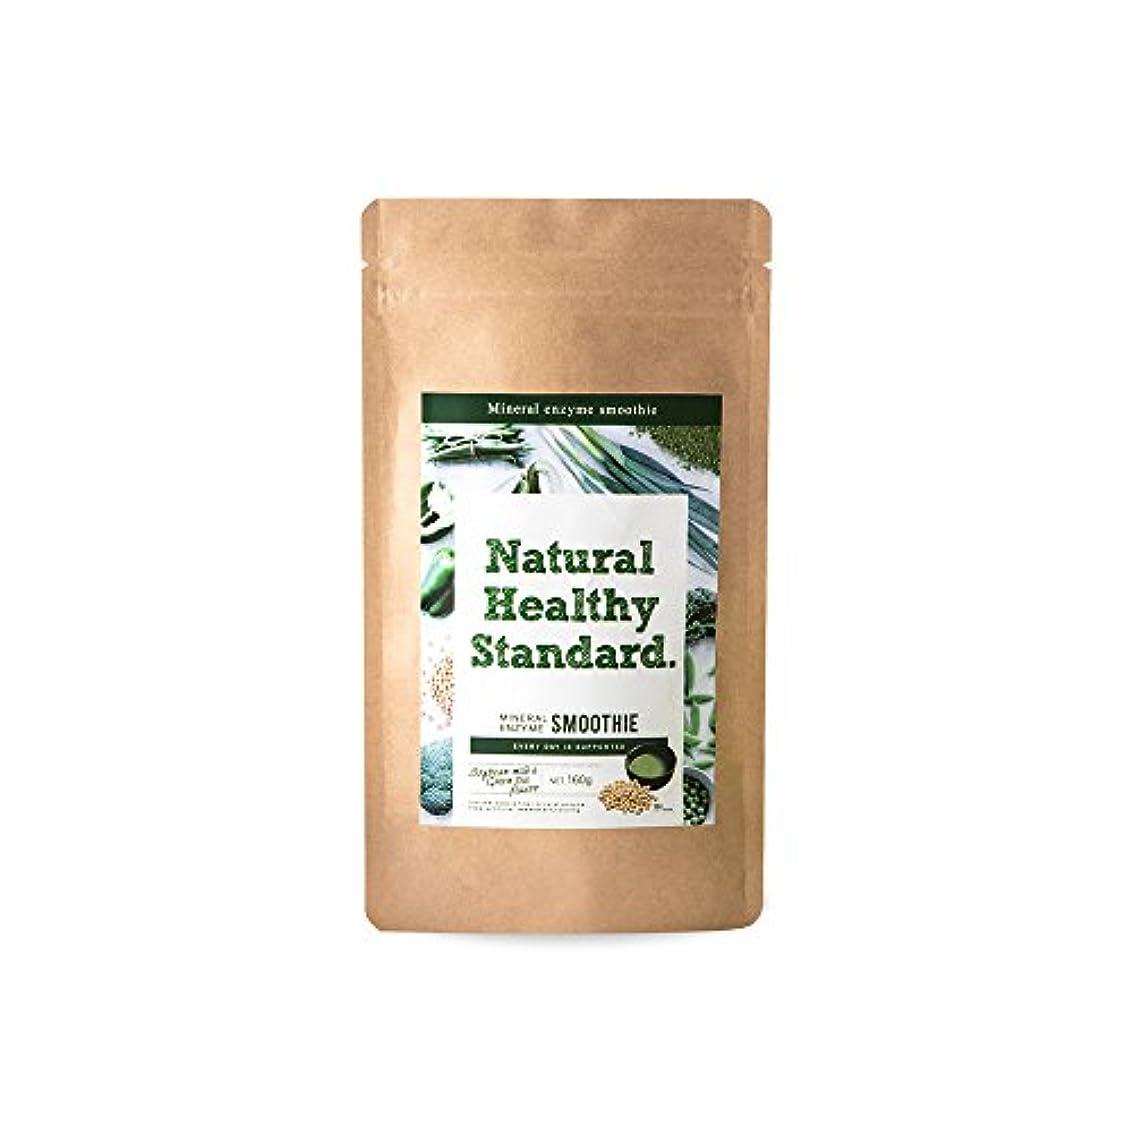 アレイ想像力ウェブNaturalHealthyStandard(ナチュラルヘルシースタンダード) ミネラル酵素グリーンスムージー 豆乳抹茶味 160g